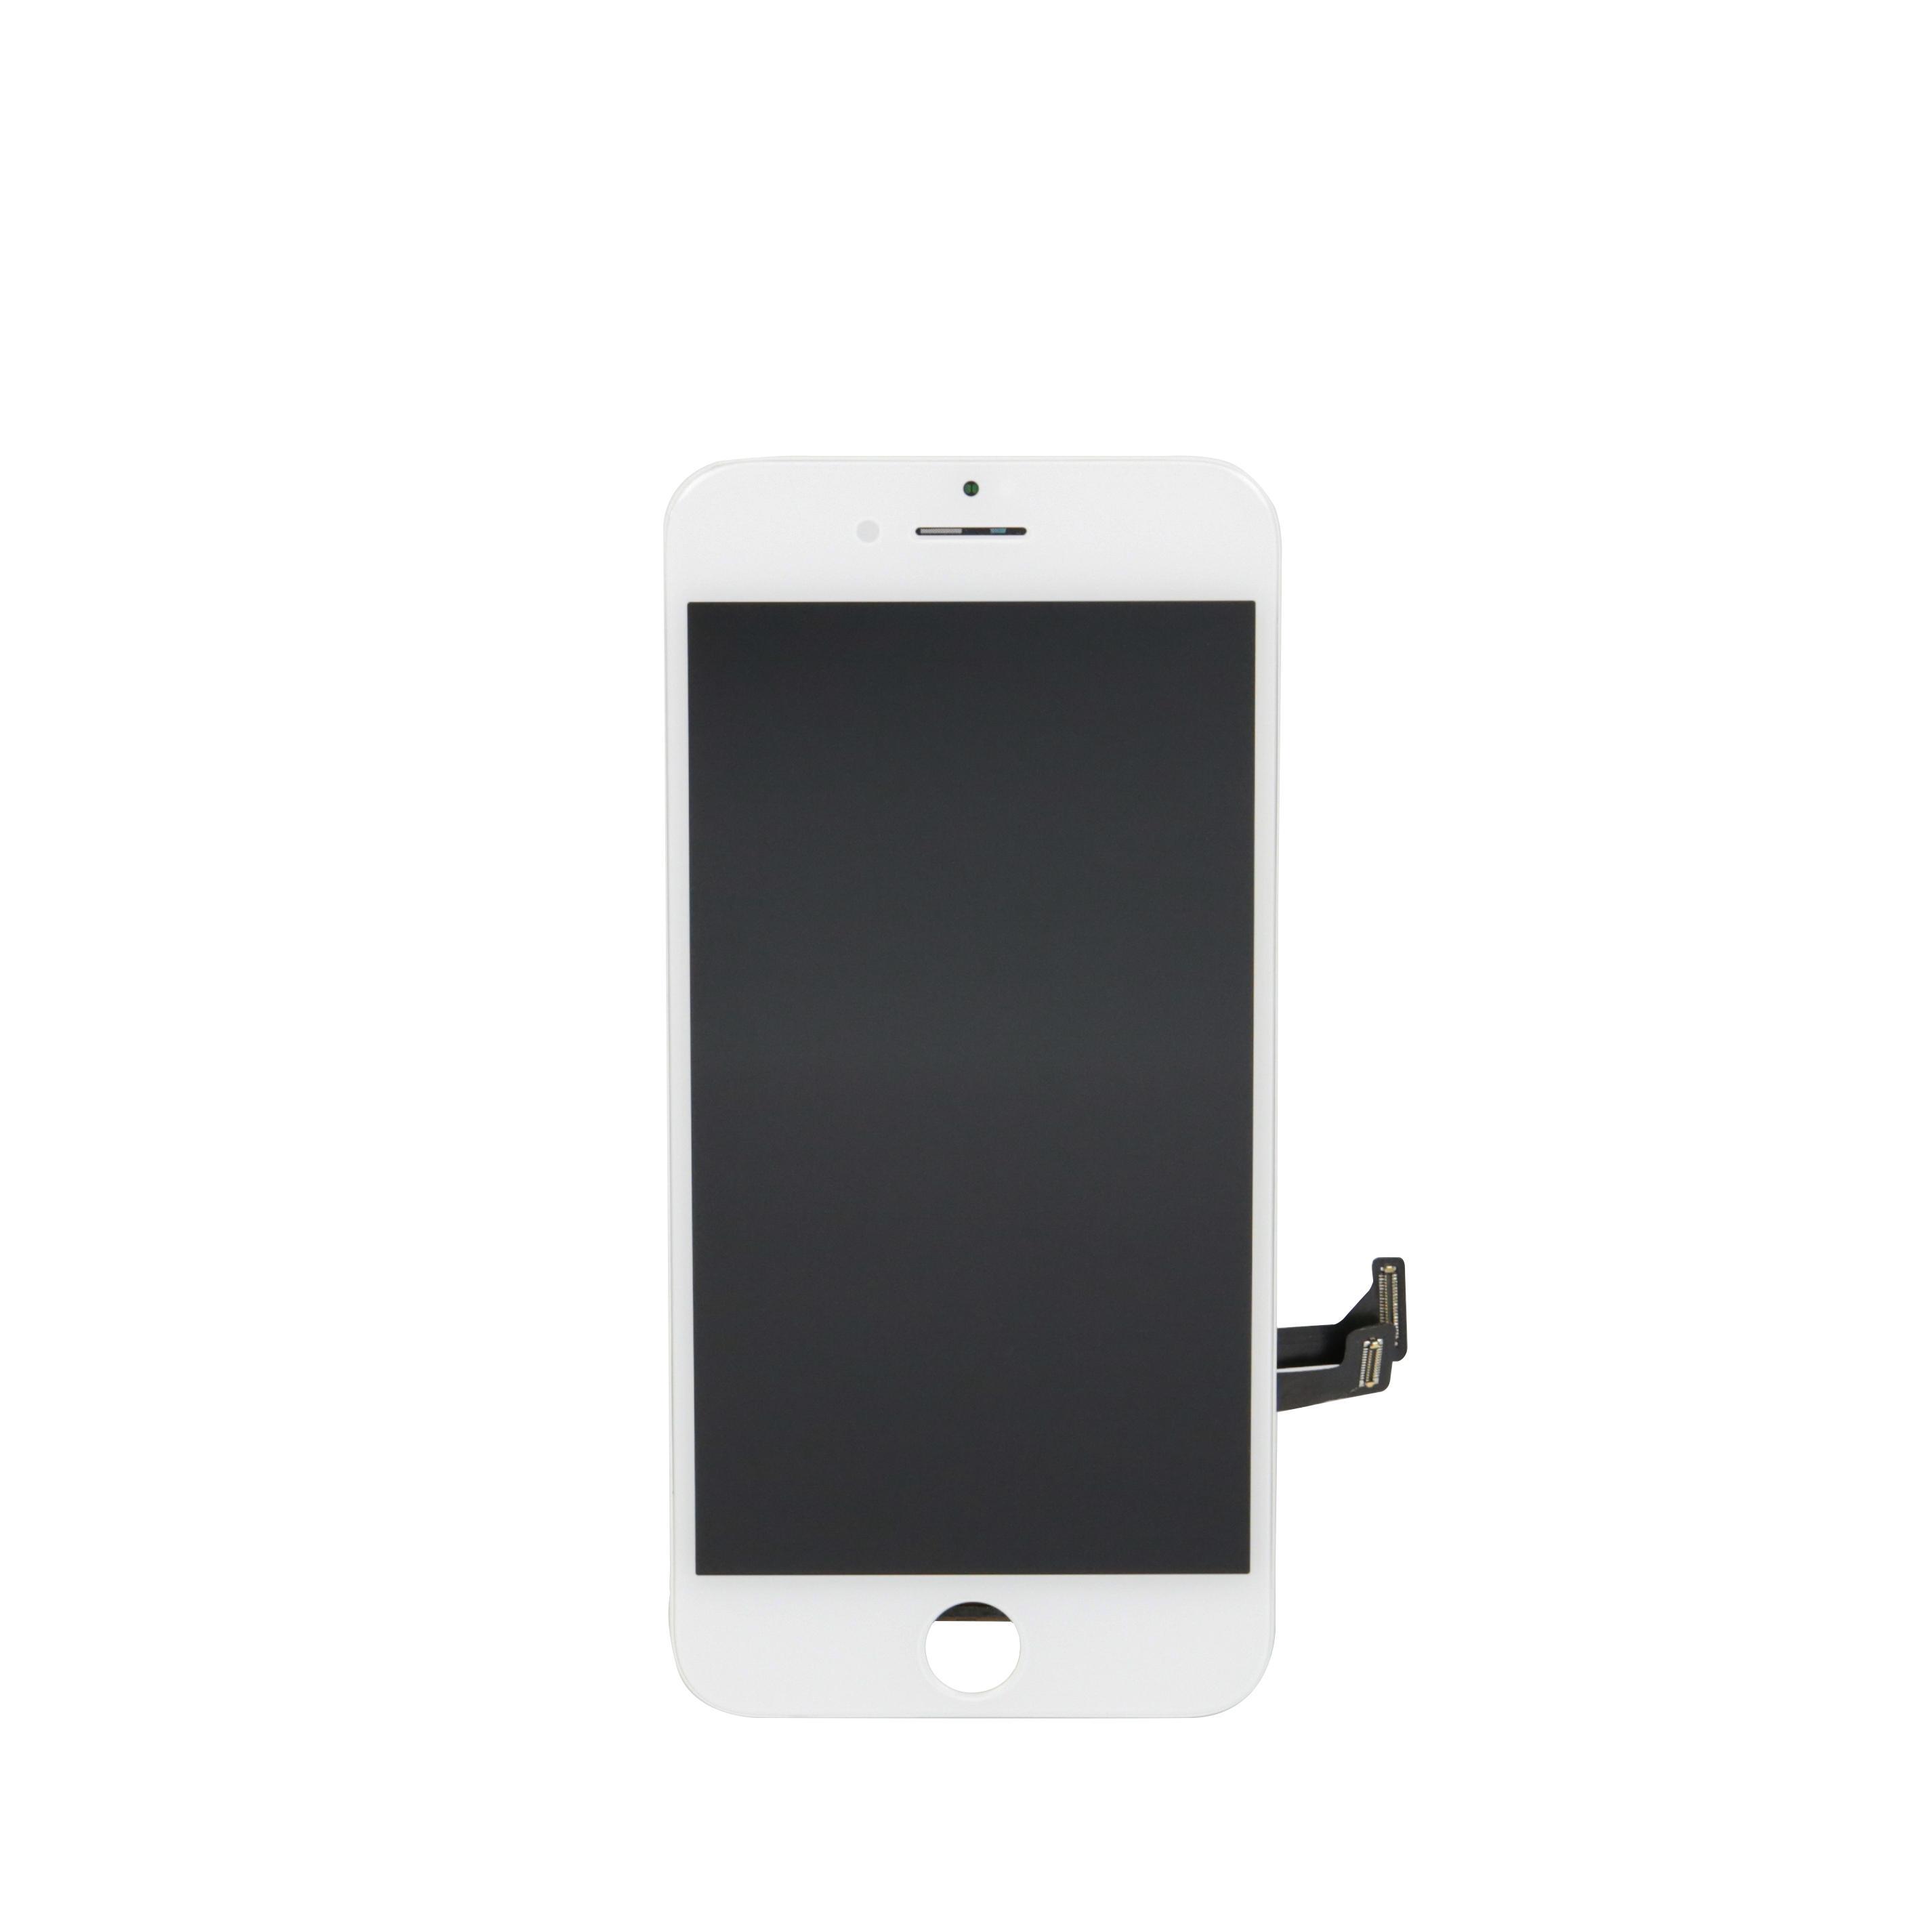 für iPhone 8 Premium-ESR LCD Bessere Brigtness Qualitäts-Vollsichtwinkel LCD-Display mit Easy ersetzen Garantie-freiem Verschiffen durch DHL